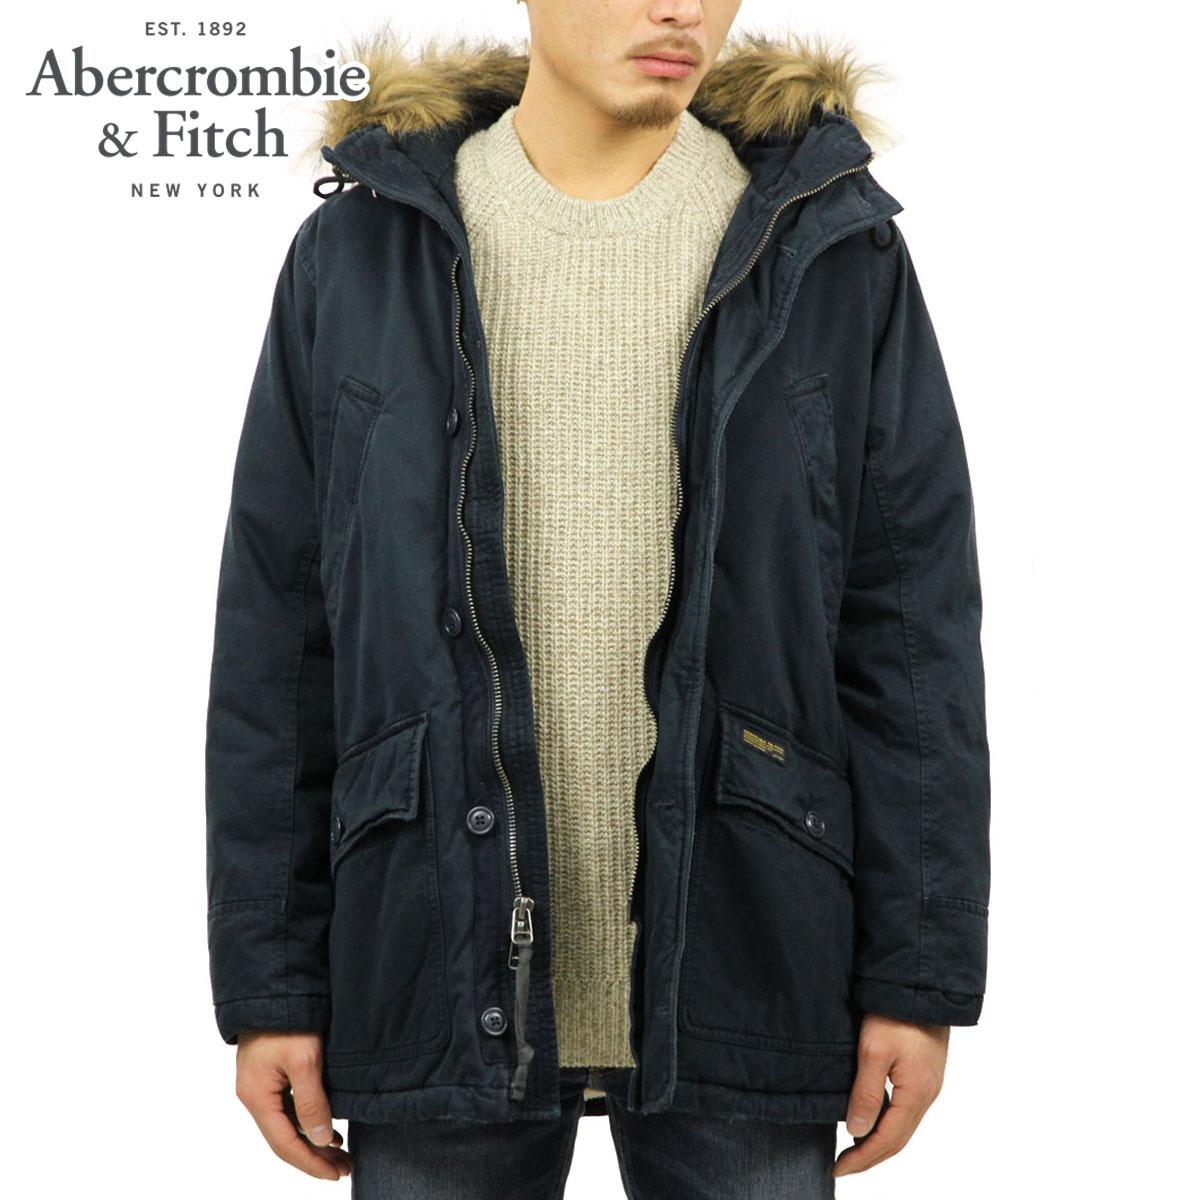 アバクロ Abercrombie&Fitch 正規品 メンズ アウター モッズコート B-9 SHERPA-LINED PARKA 132-327-0399-200